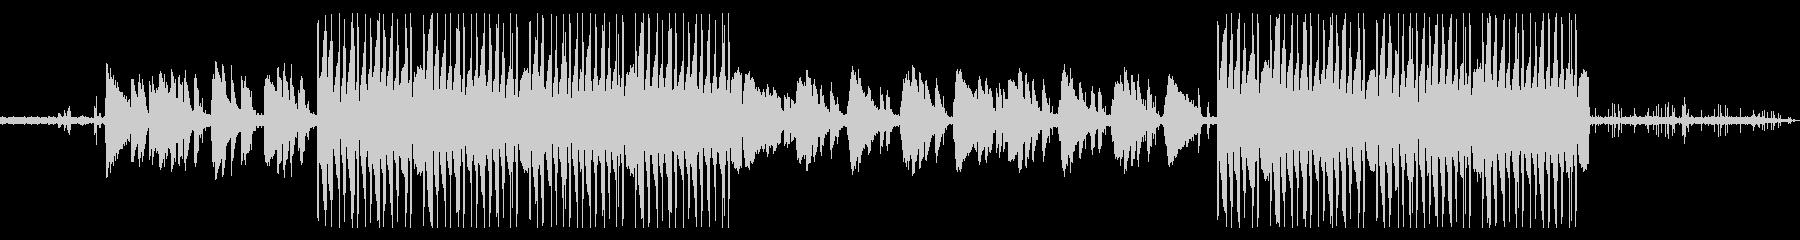 ローファイヒップホップ/韓国系VLOGの未再生の波形